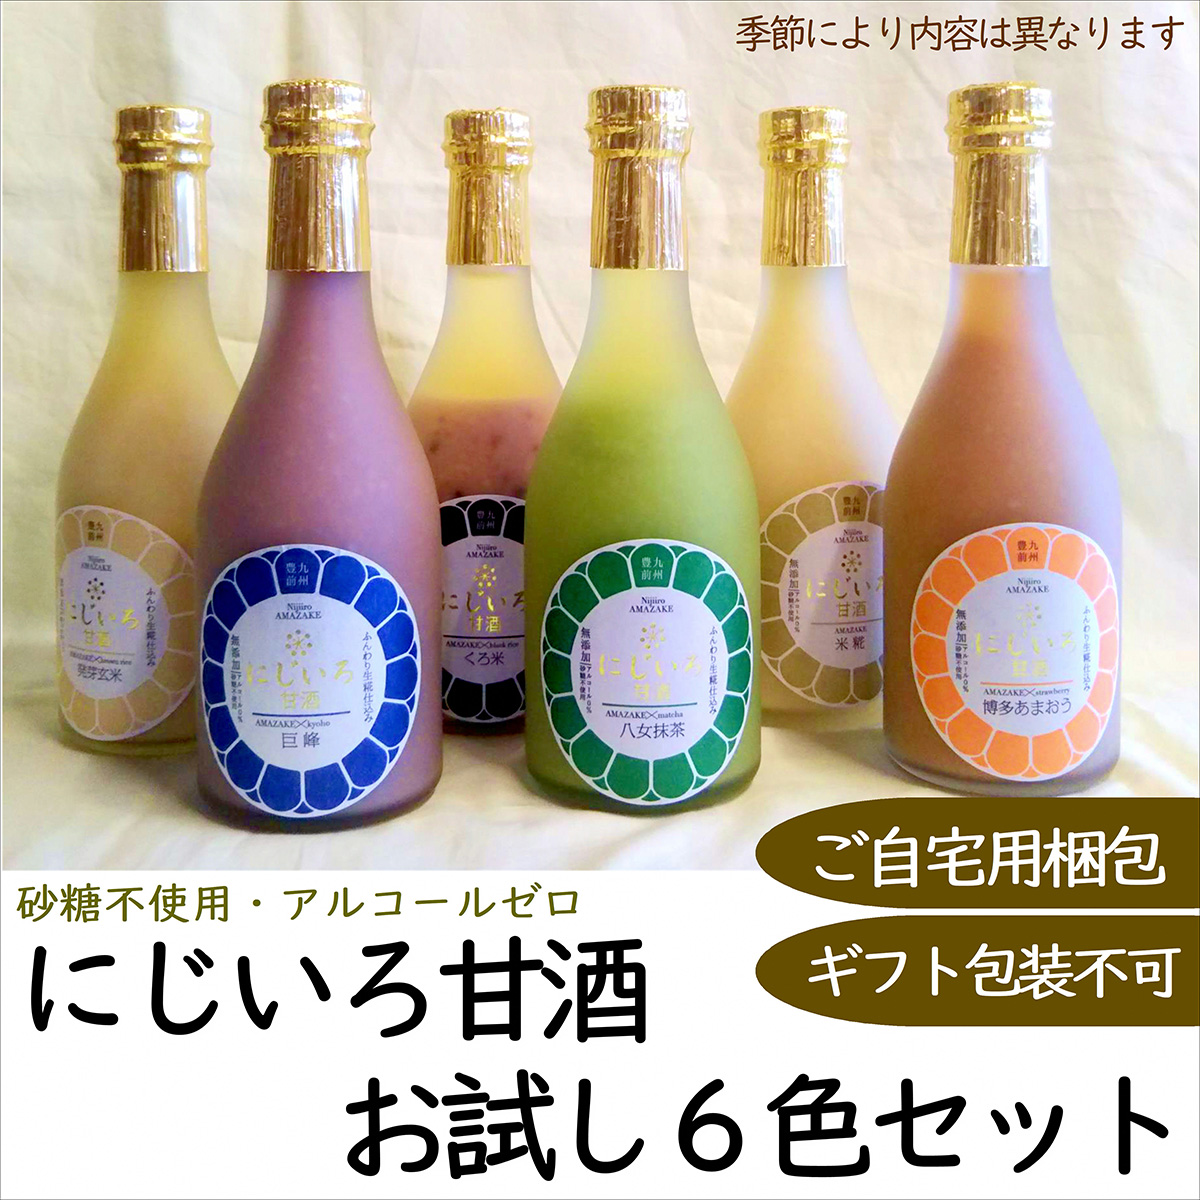 【ふるさと納税】にじいろ甘酒 おためし6色セット(お砂糖不使用・アルコールゼロ)